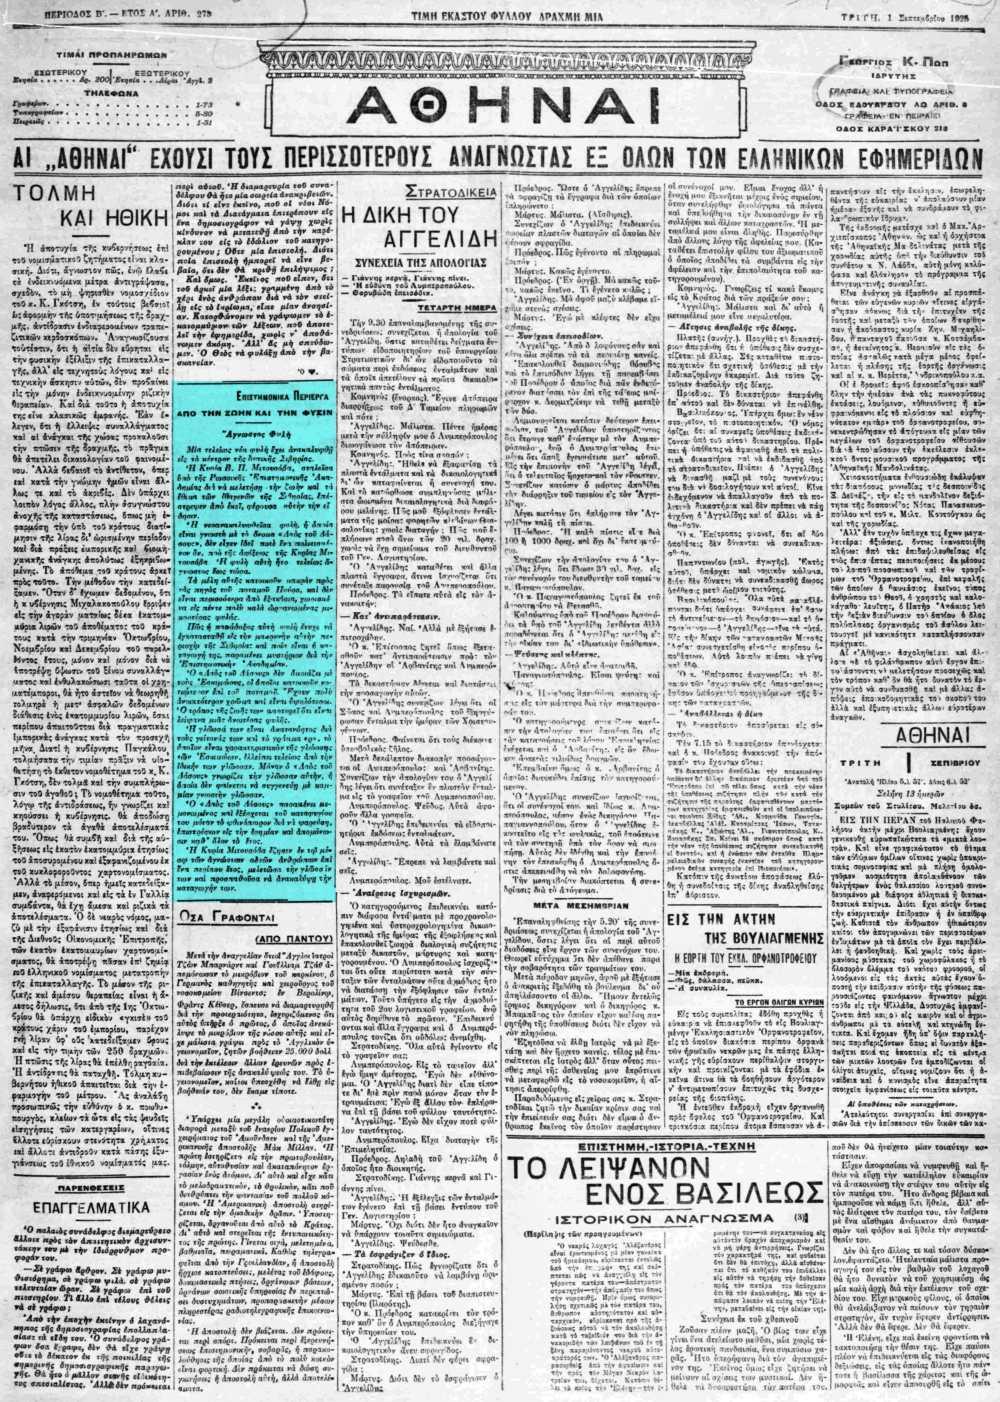 """Το άρθρο, όπως δημοσιεύθηκε στην εφημερίδα """"ΑΘΗΝΑΙ"""", στις 01/09/1925"""